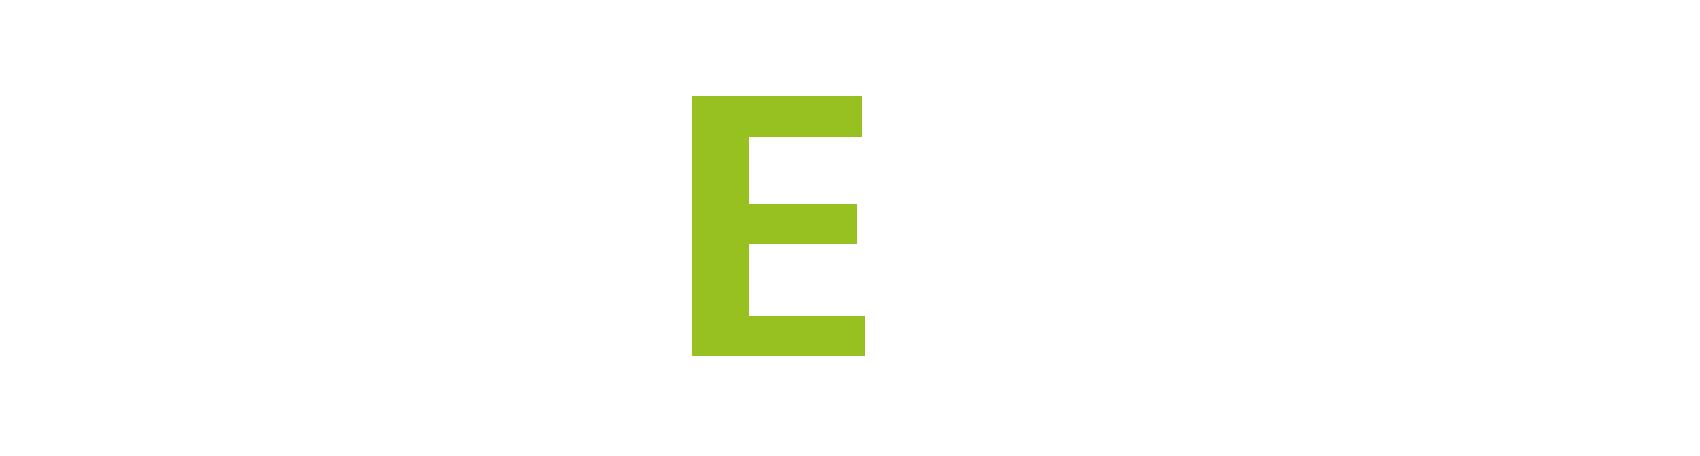 iss-esg-logo-reverse